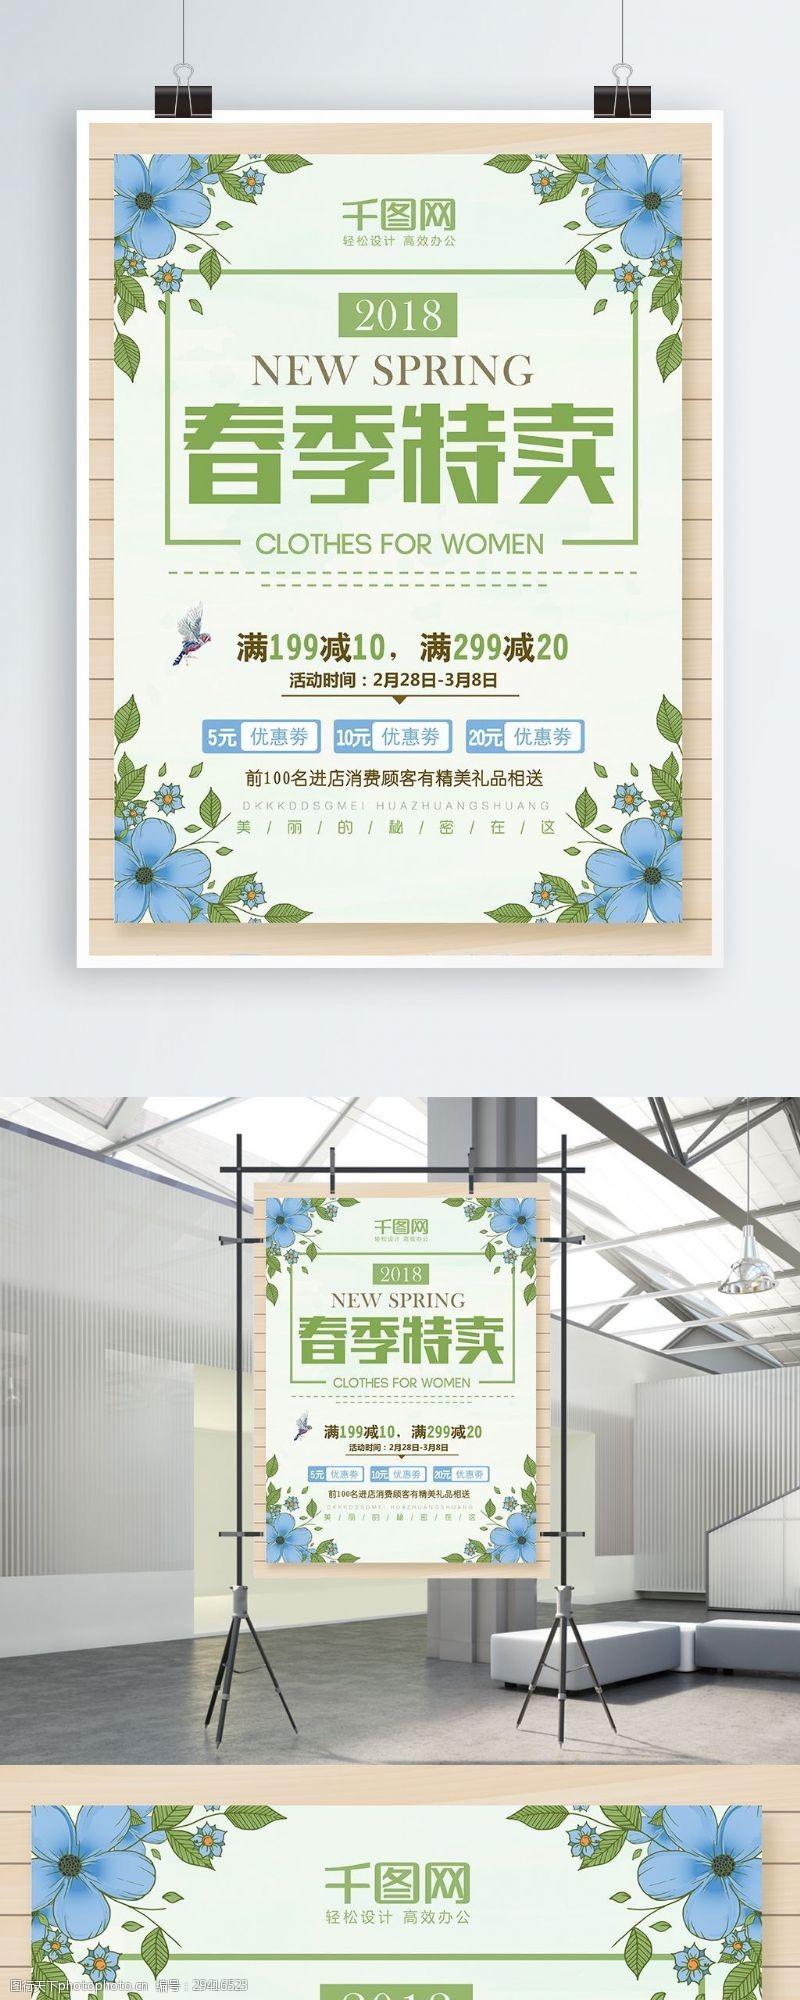 绿色简约清新春季女装促销特卖海报